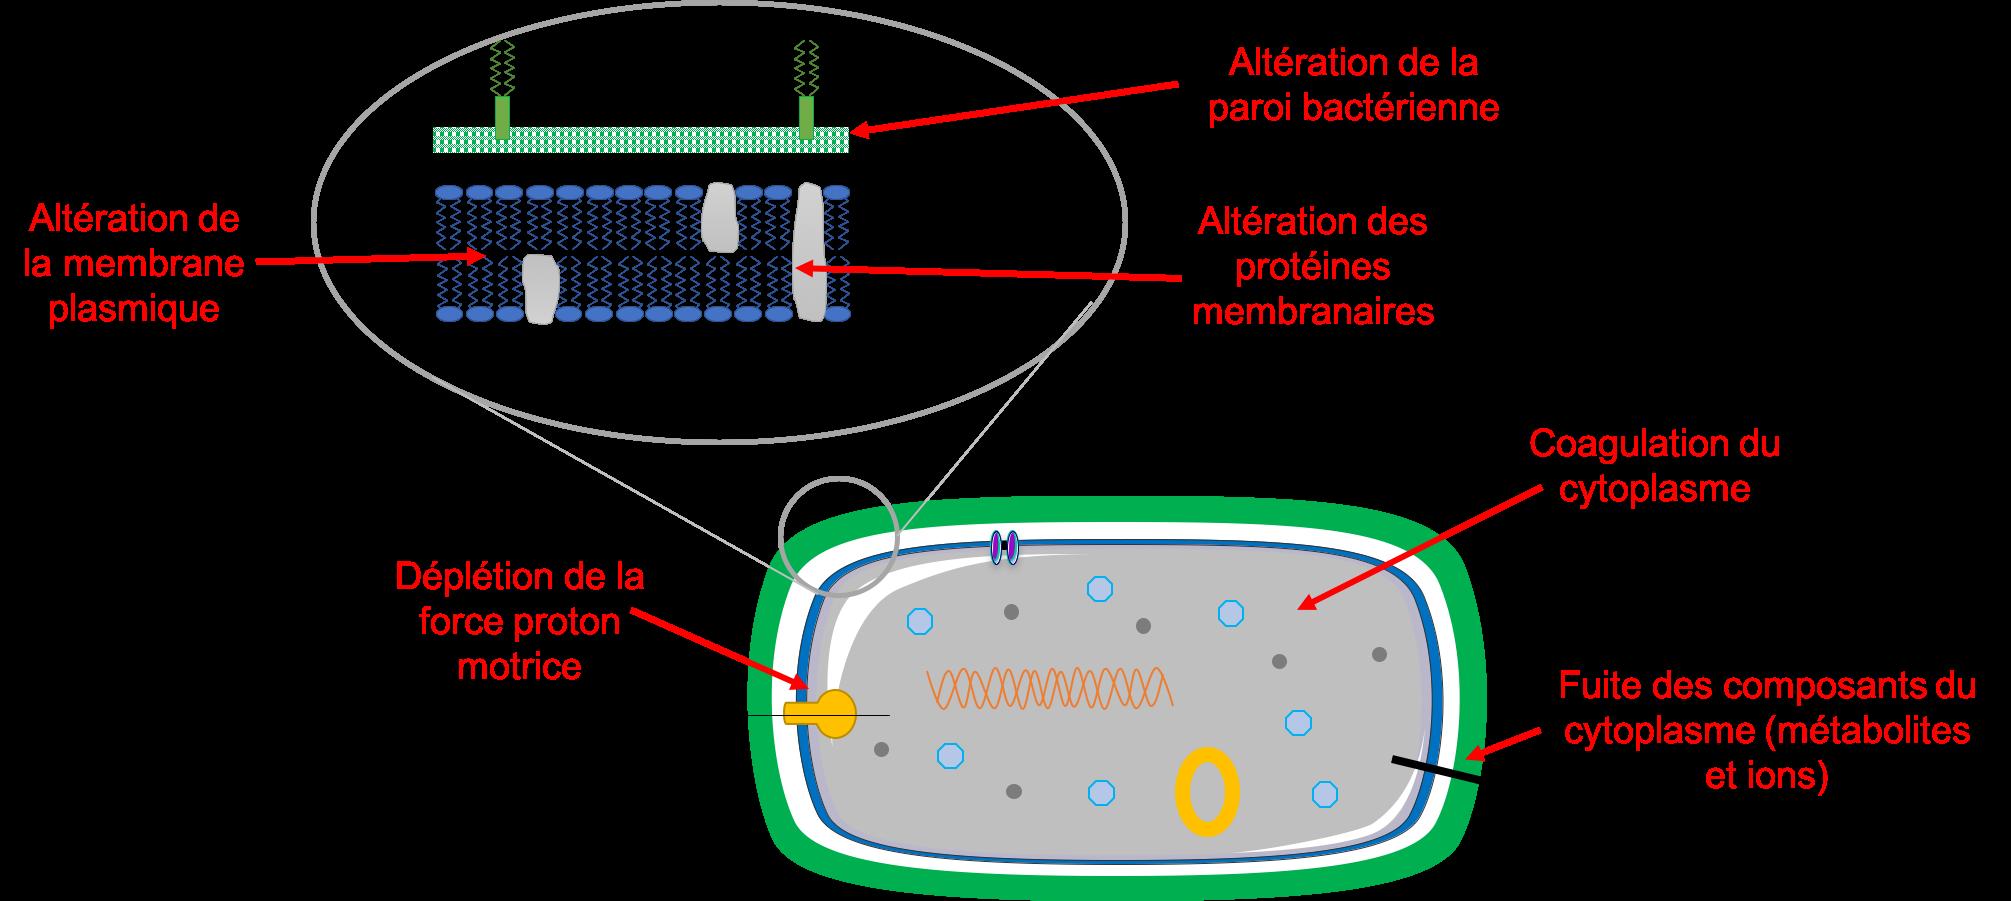 Mode d'action des HE sur les bactéries